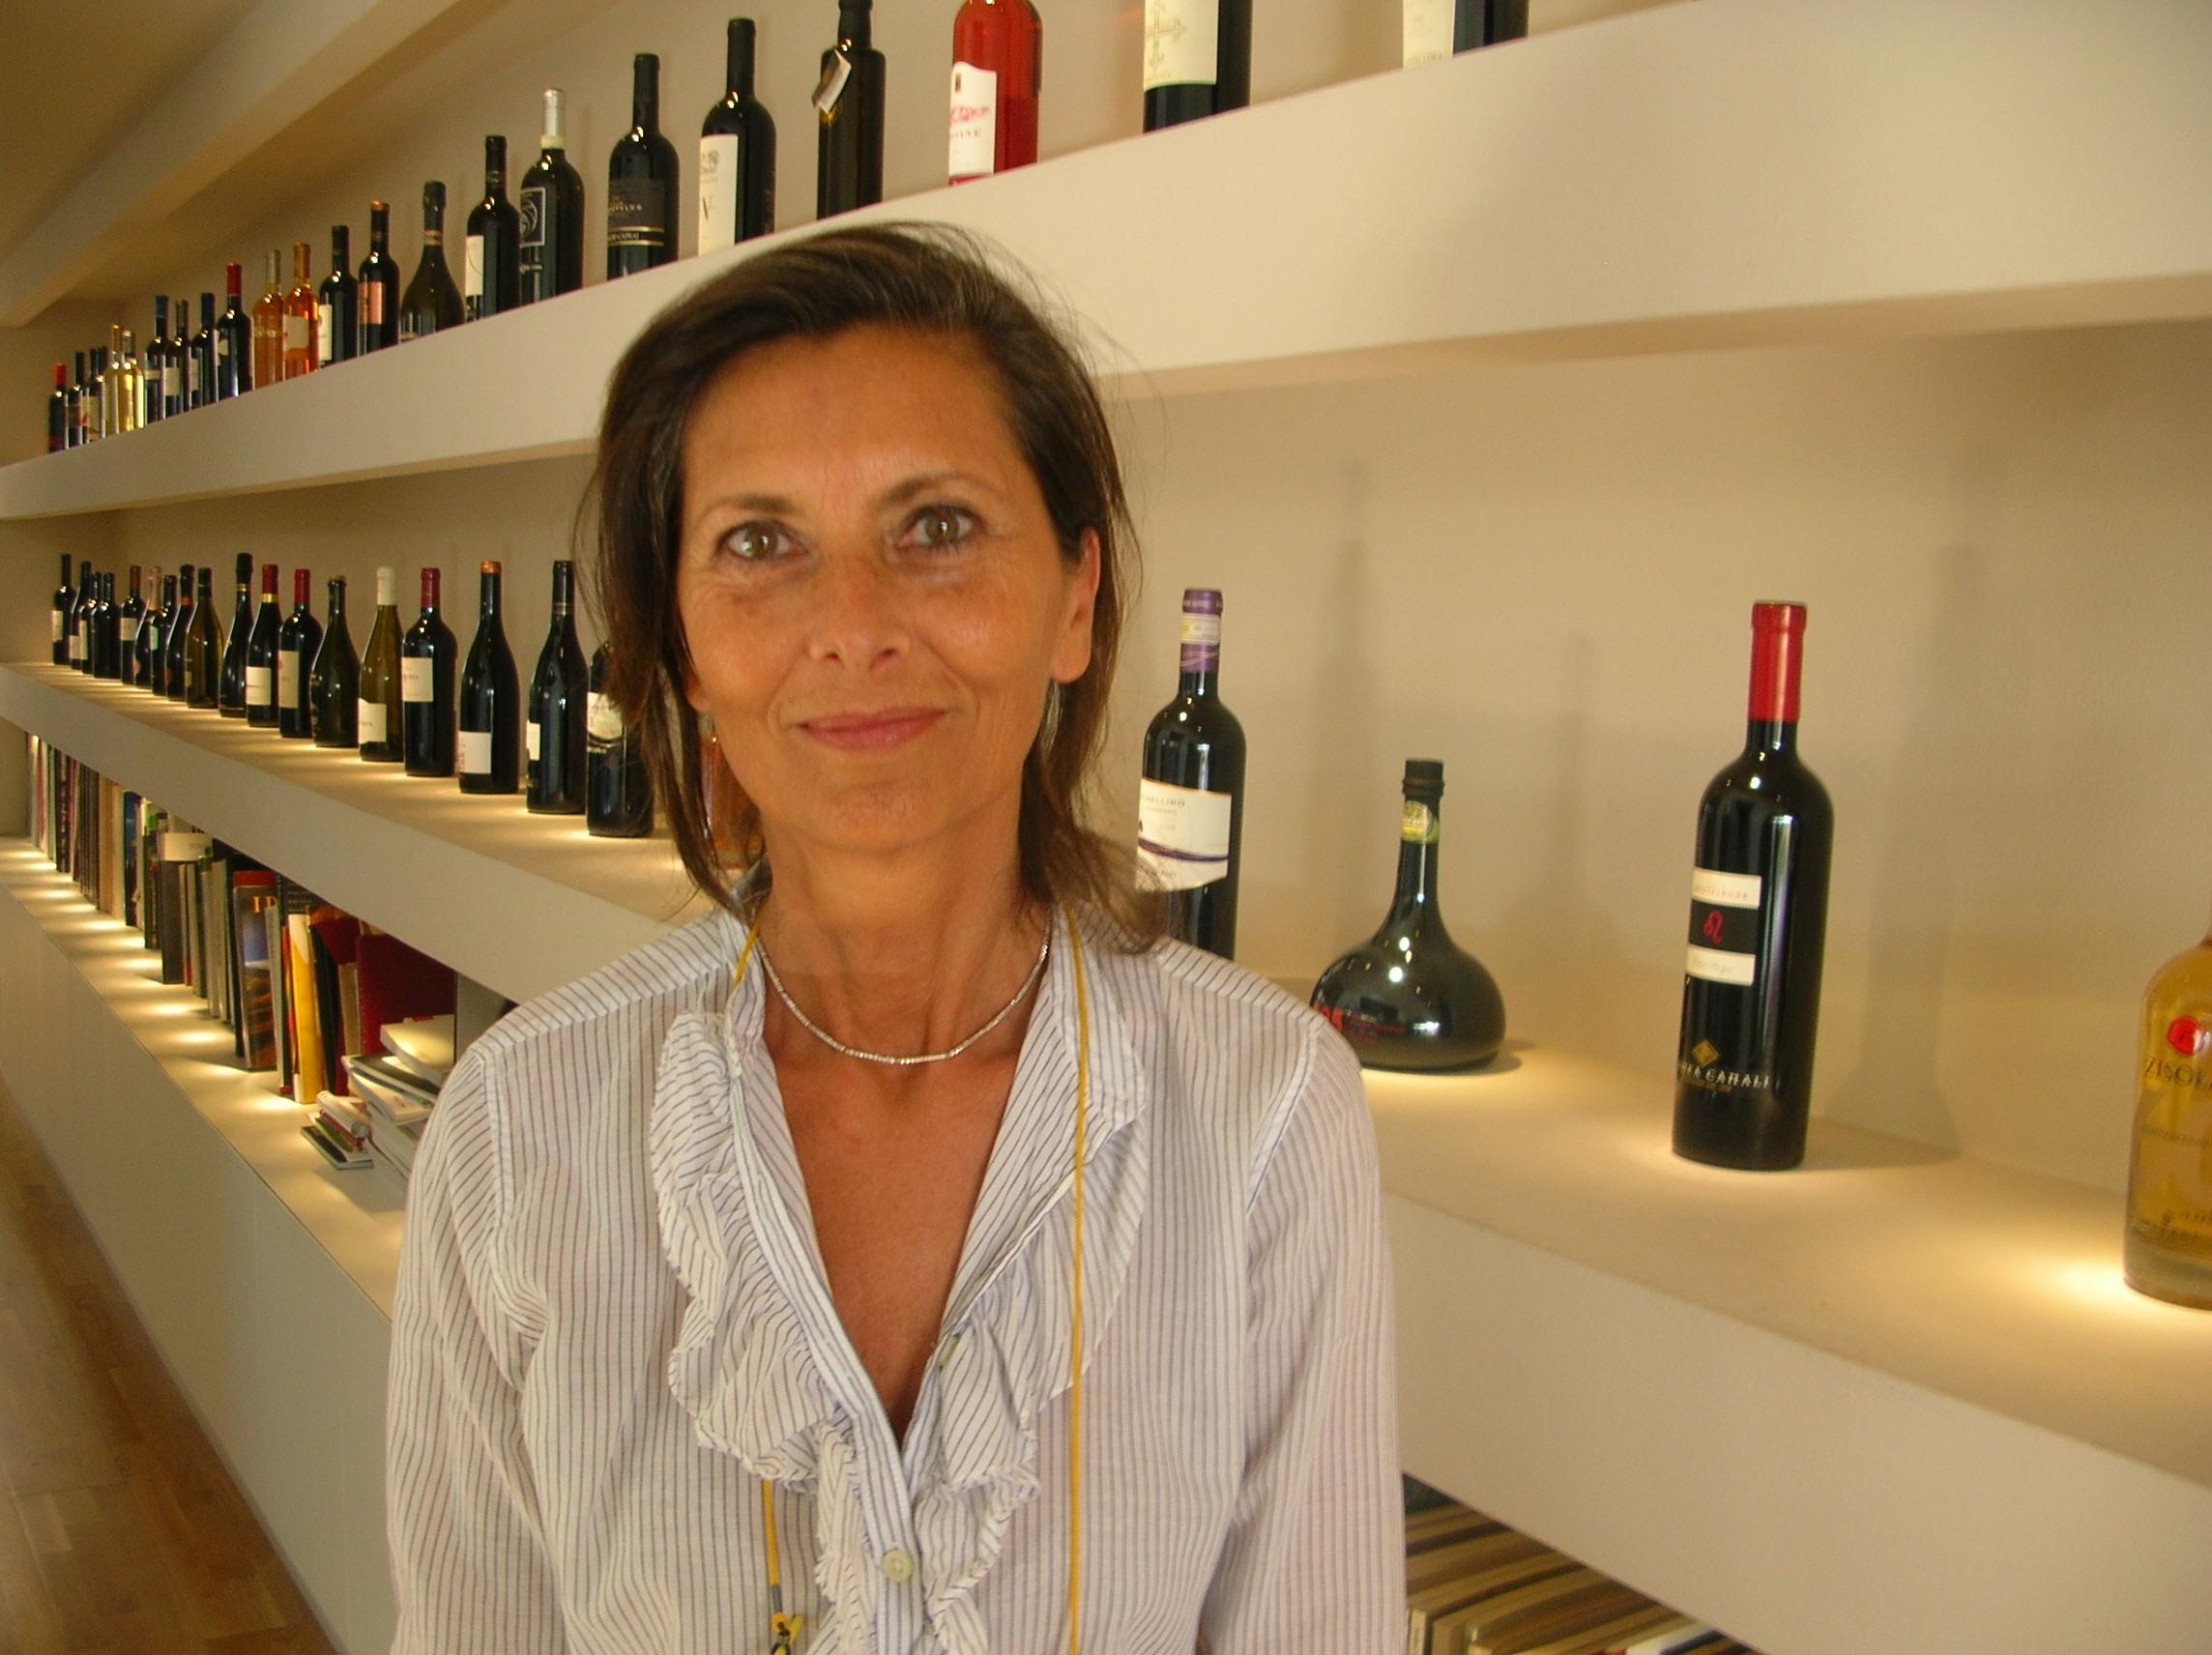 Wine for Fashion. Moda e vino a braccetto nell'atelier di Simonetta Doni